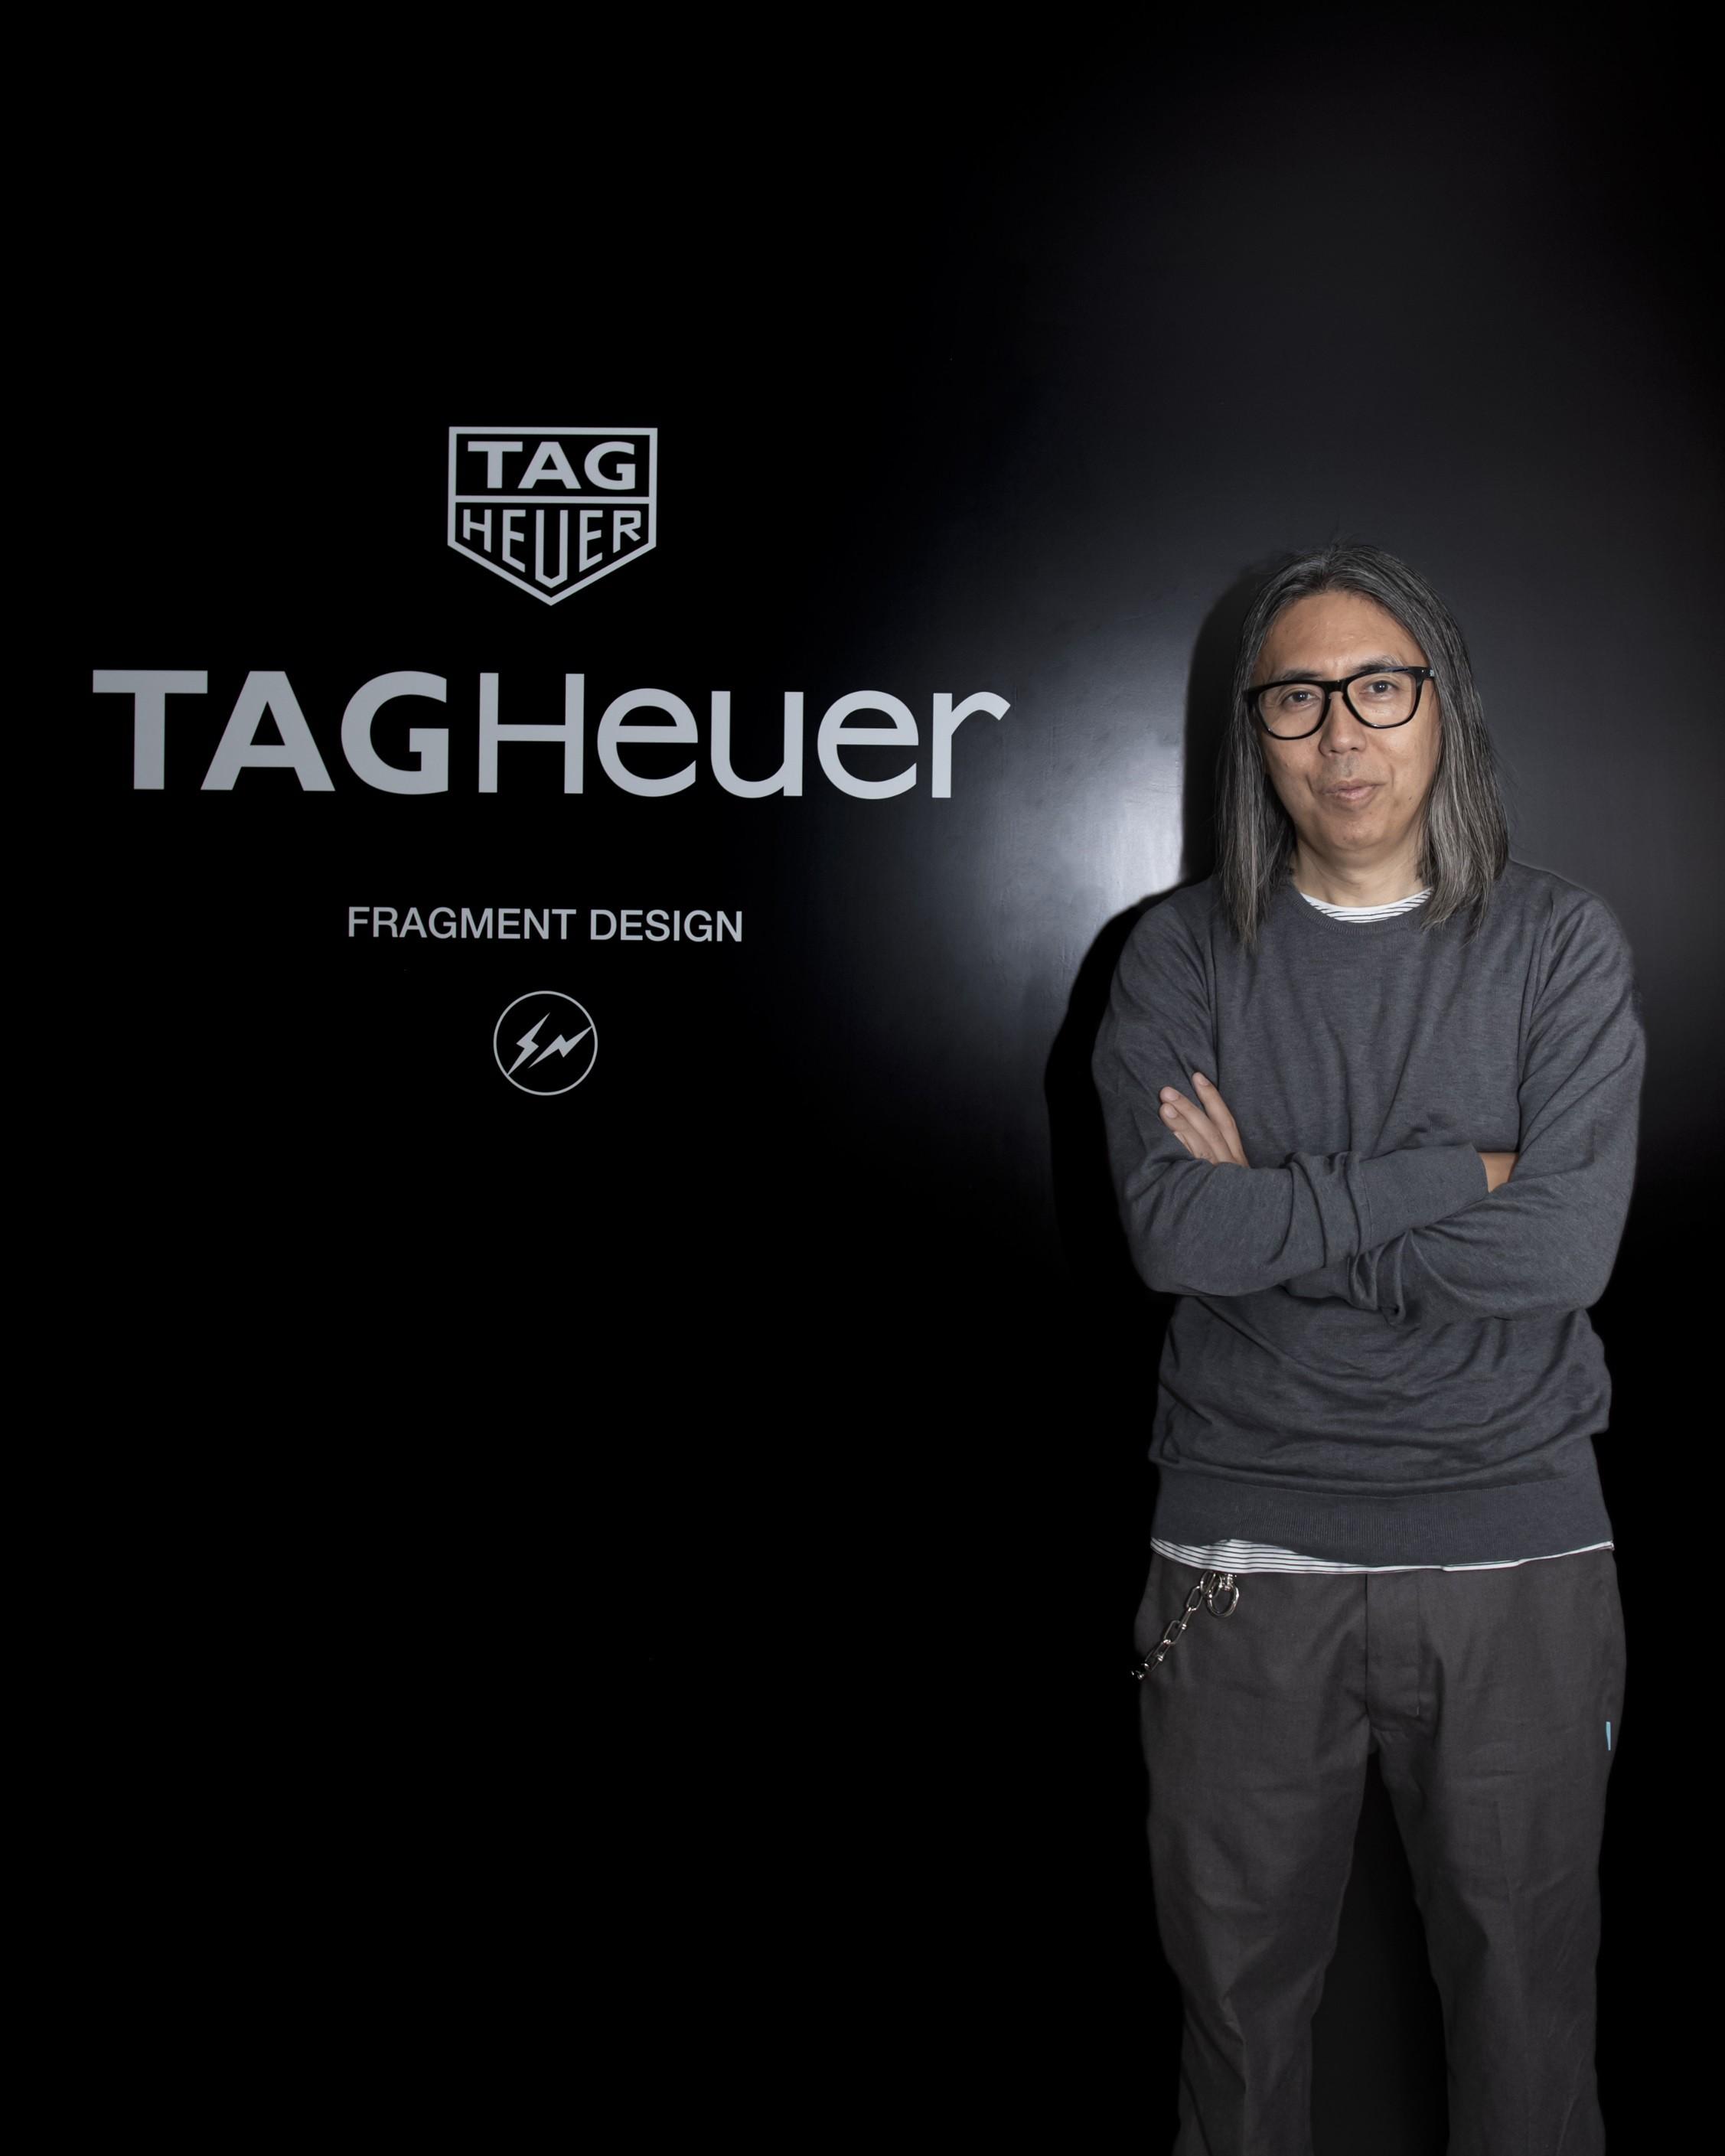 LV智能表跃上最红鸭子TAG Heuer也联手潮流教父打造限量表